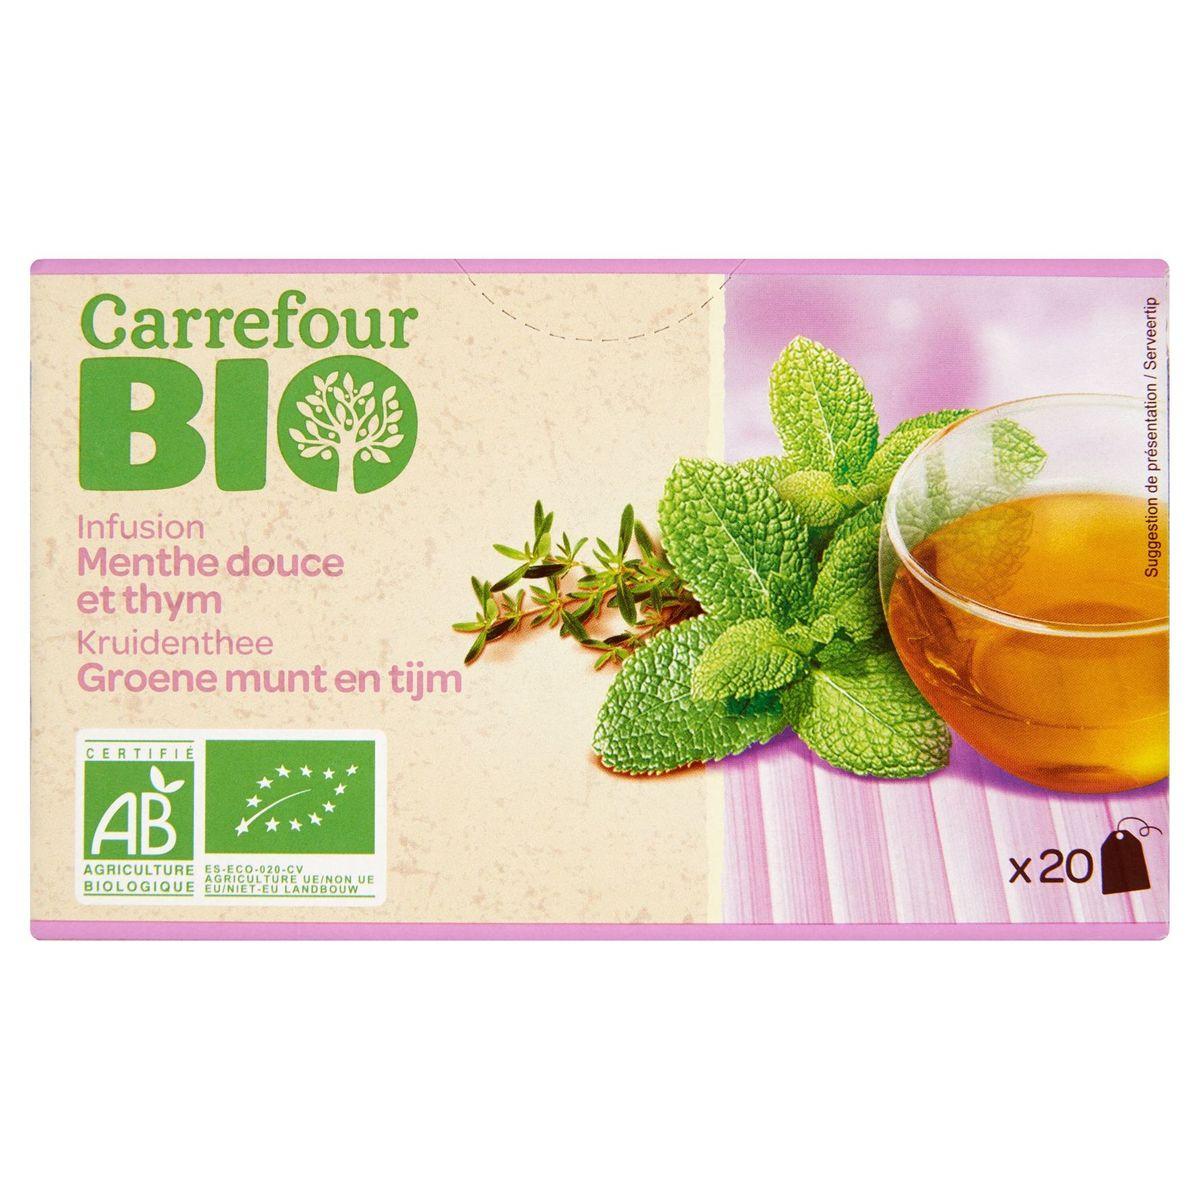 Carrefour Bio Kruidenthee Groene Munt en Tijm 20 Zakjes 30 g